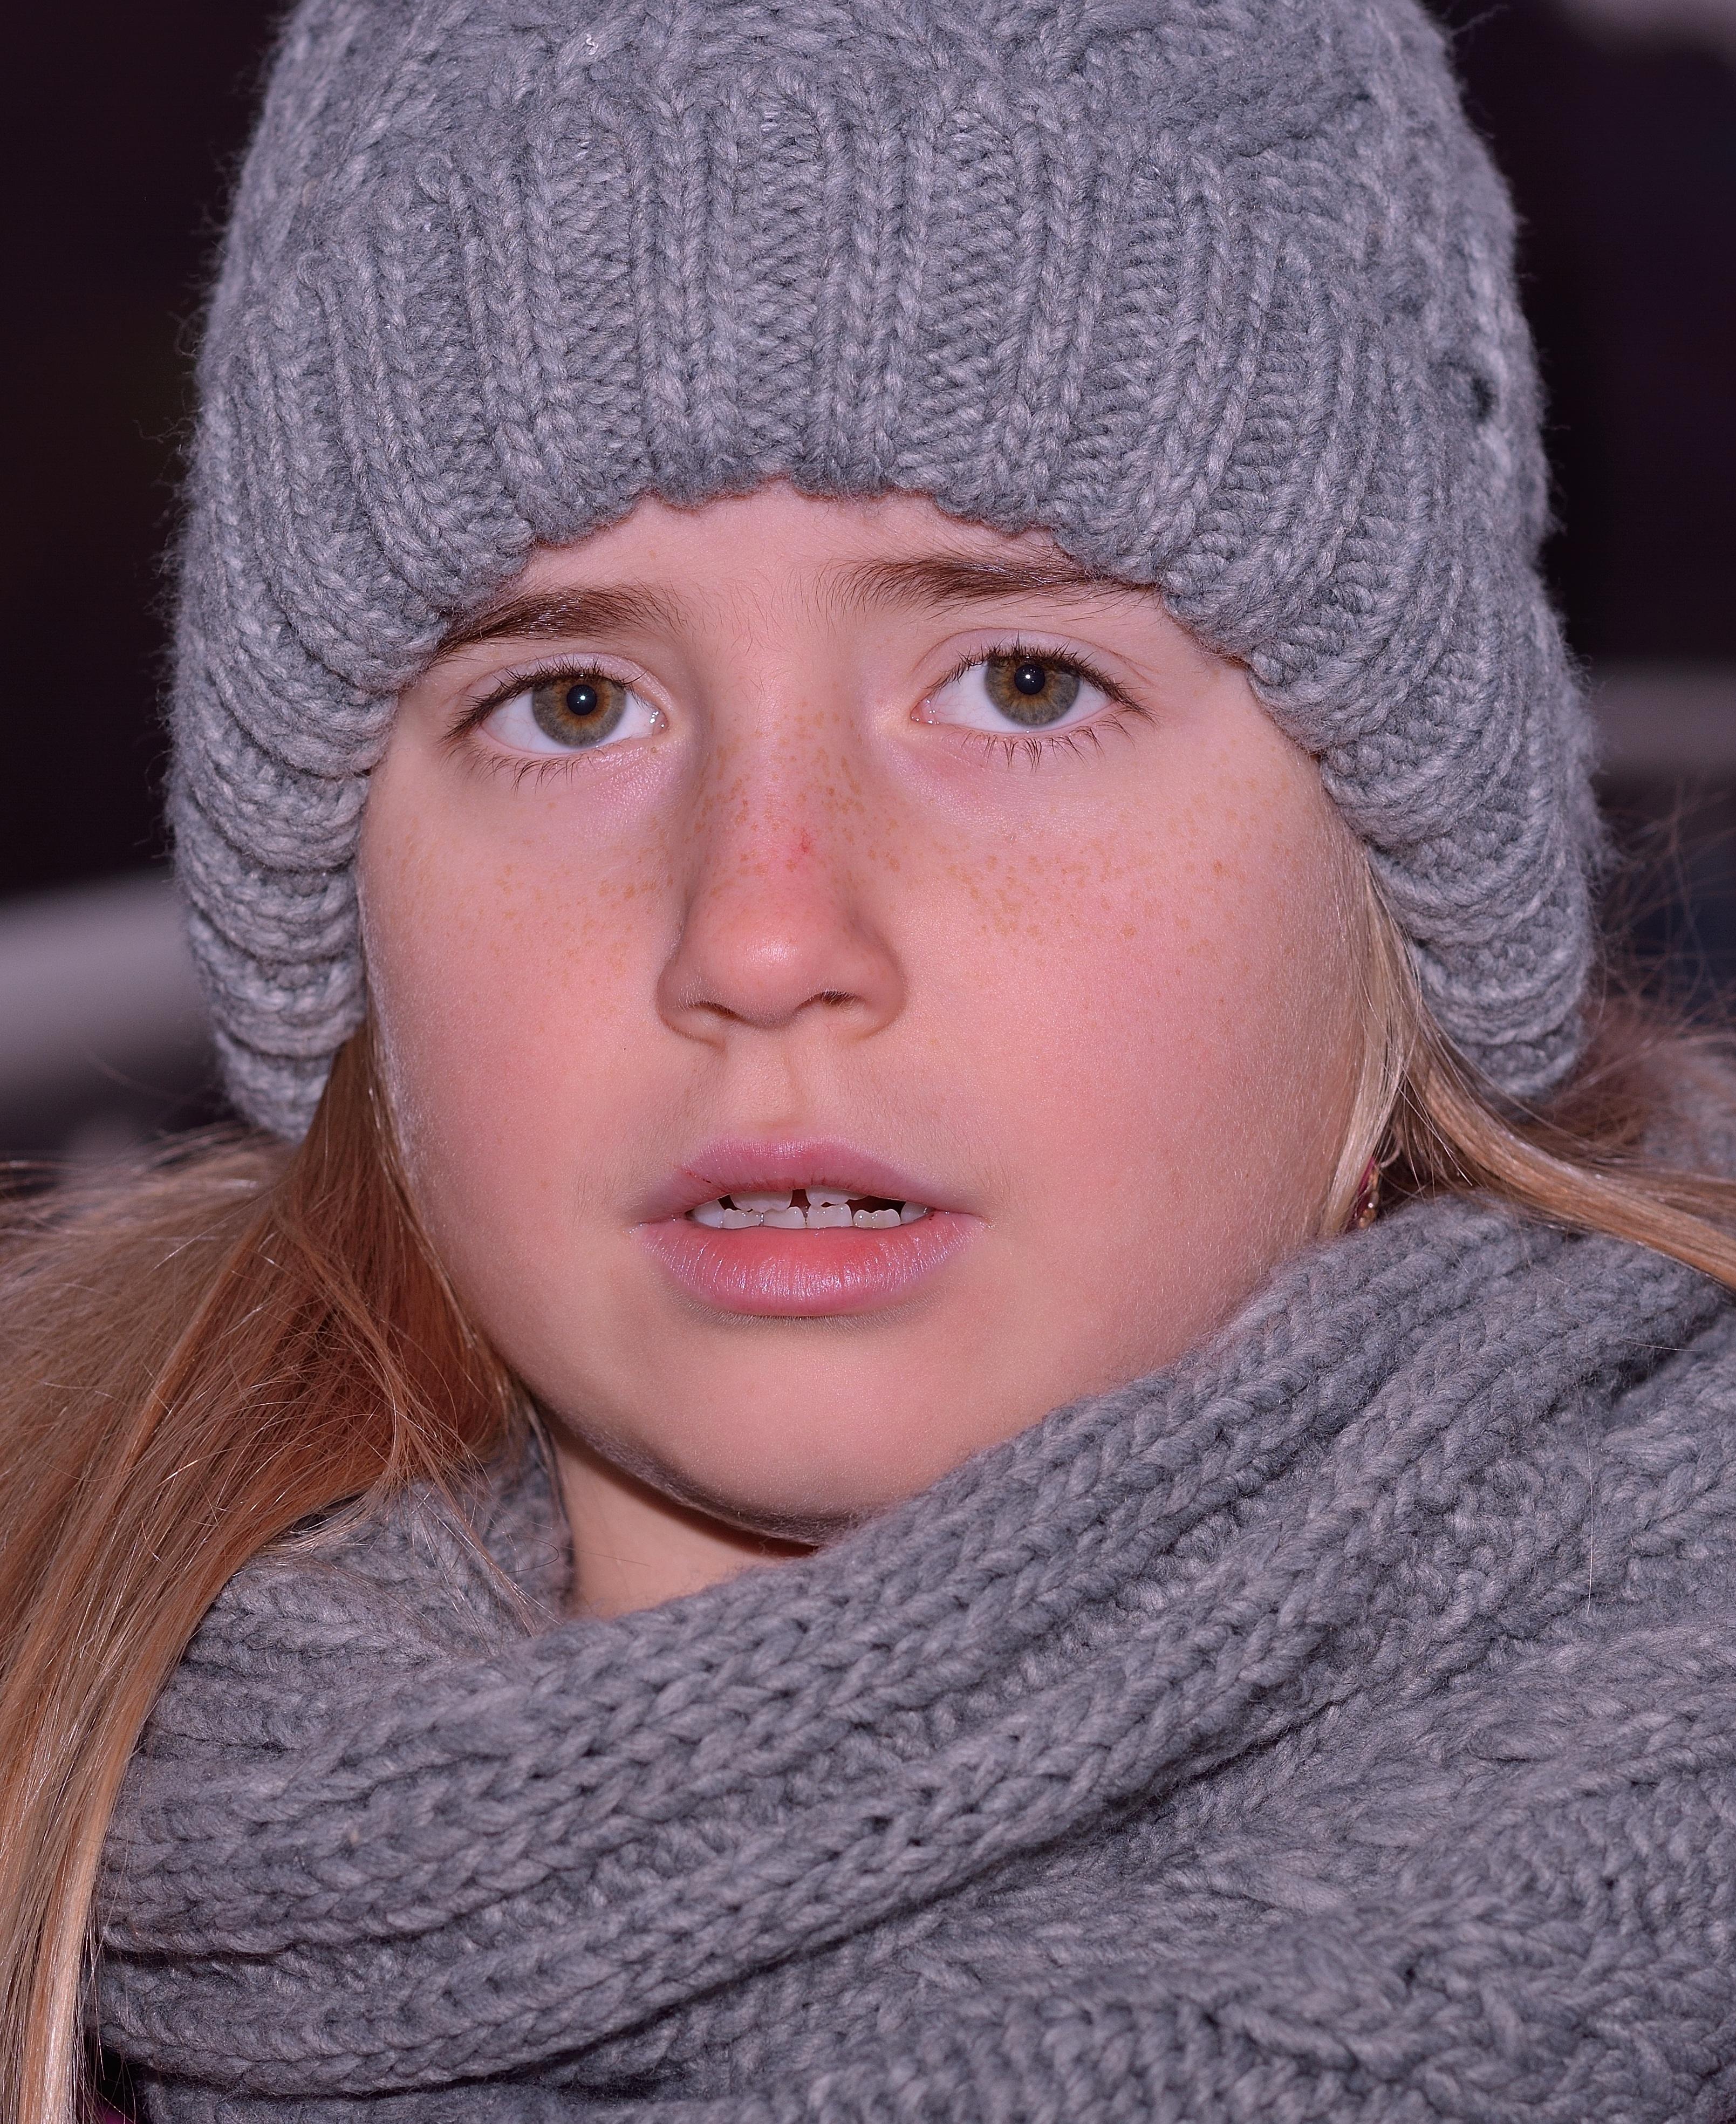 Kostenlose foto : kalt, Winter, Mädchen, Kind, Hut, Kleidung ...